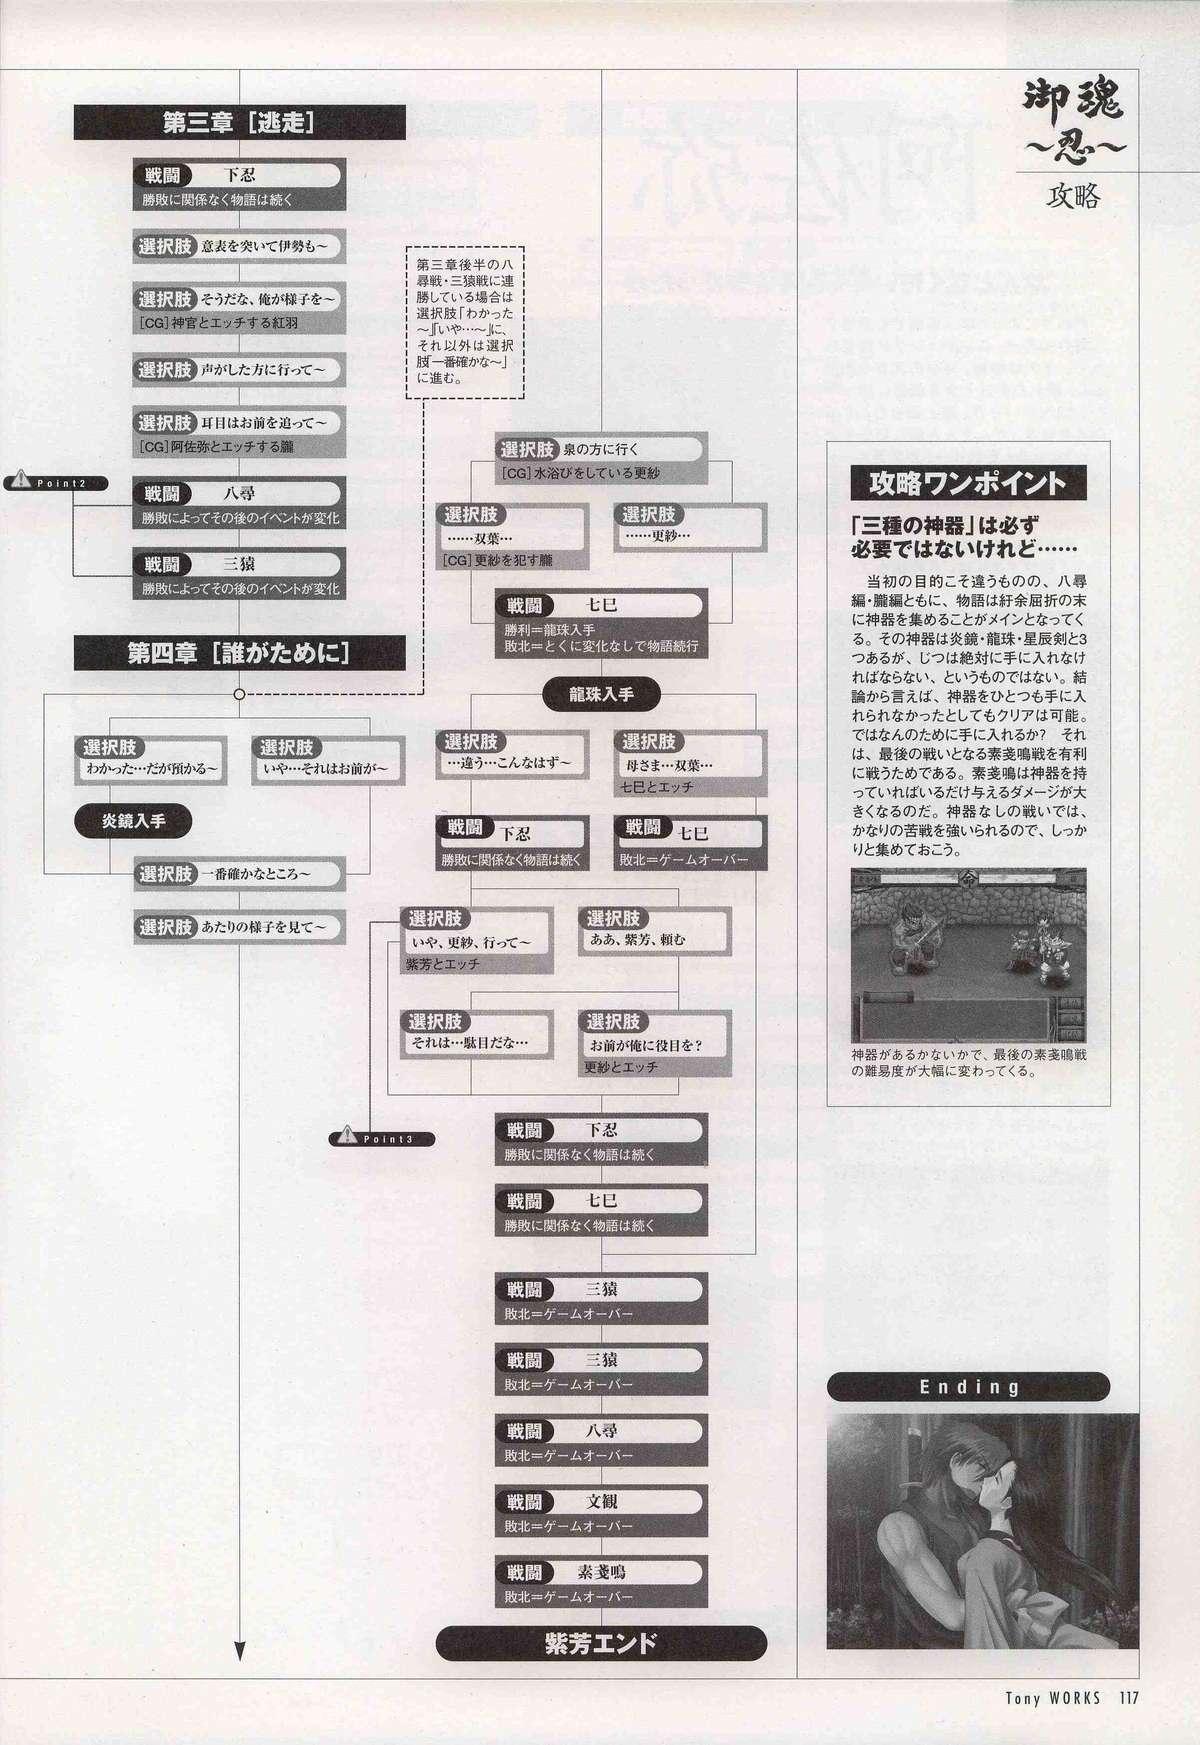 御魂~忍~×ARCANA~光と闇のエクスタシス~二作品原画 121